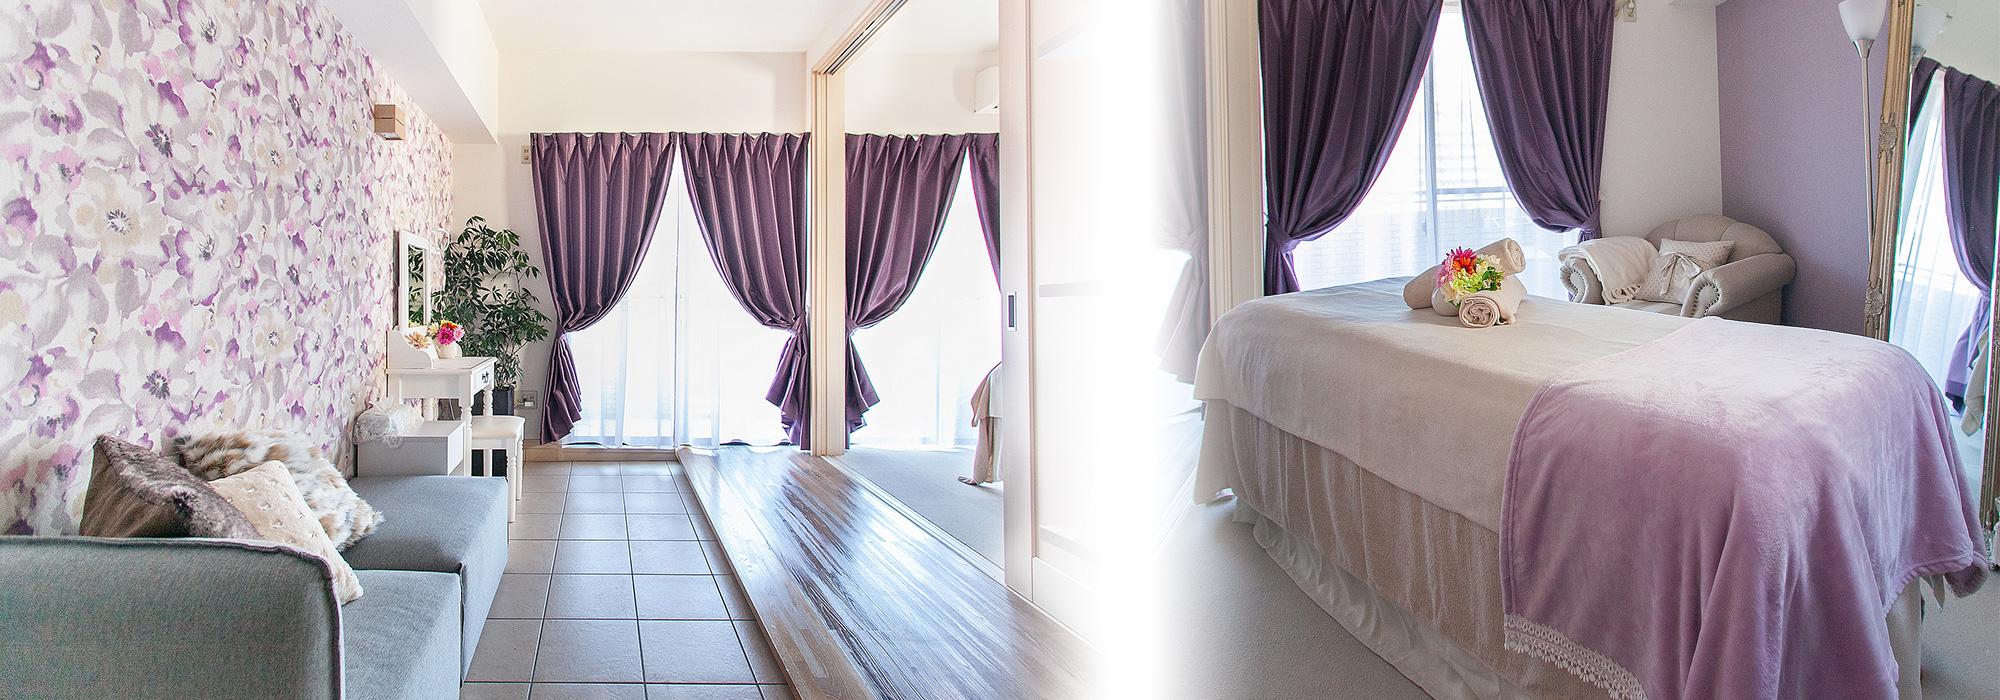 ノーブルボーテ 静岡市エステサロン:ルビーセル正規代理店・tete式毛穴エクストラクション・フェイシャル・筋膜リリースを得意としています。